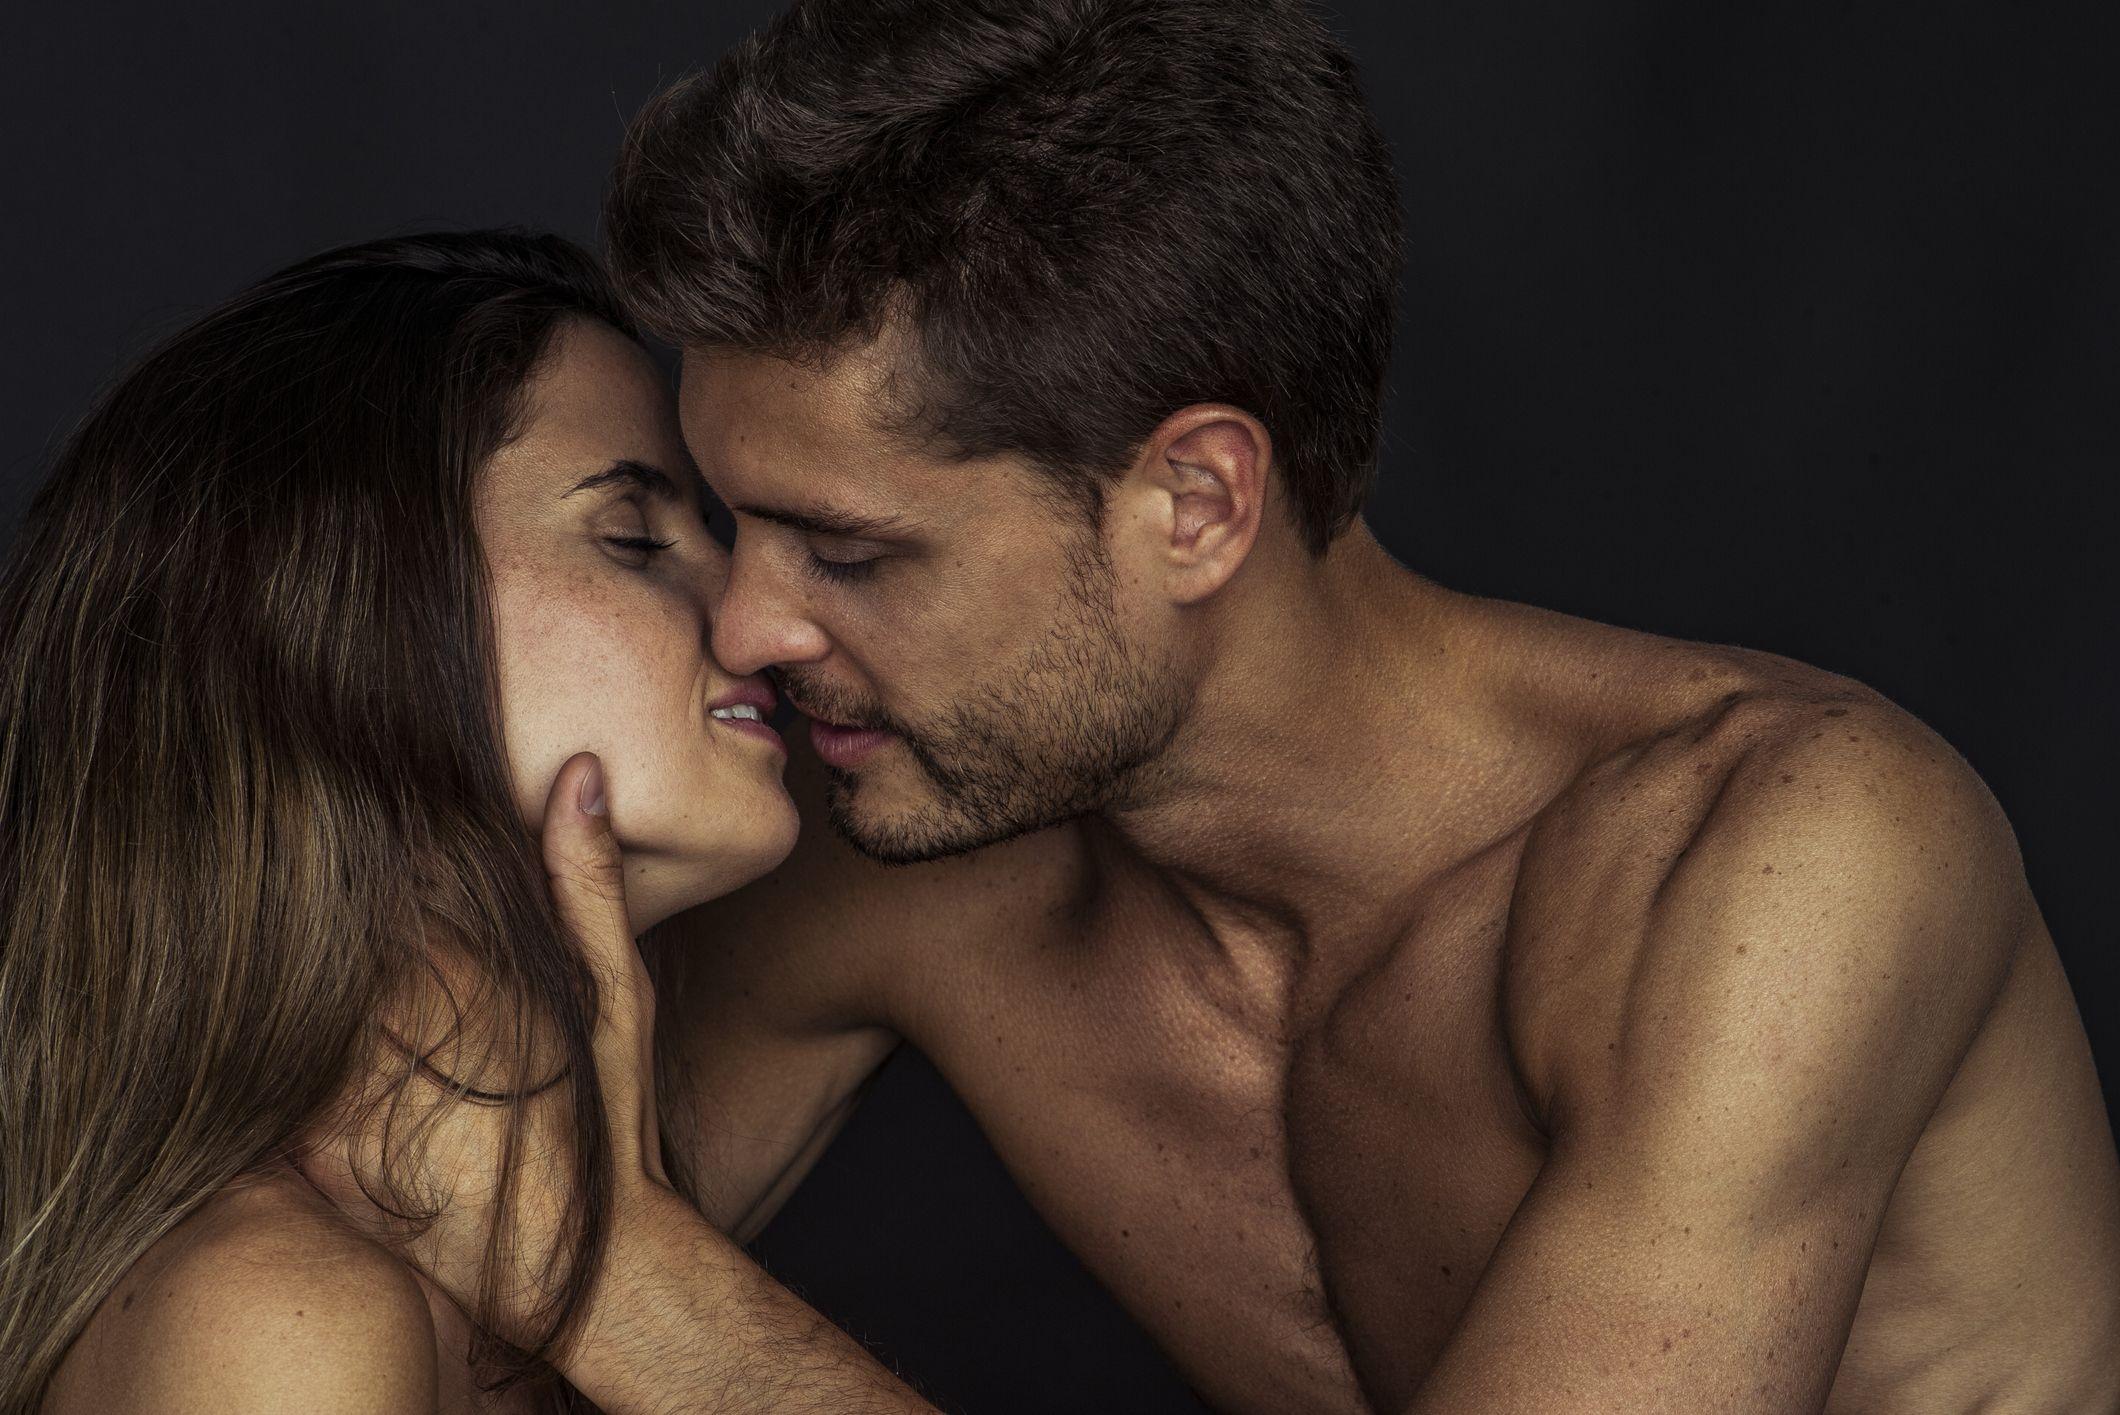 Ik wil meer dan casual dating Casual Dating exclusieve relatie